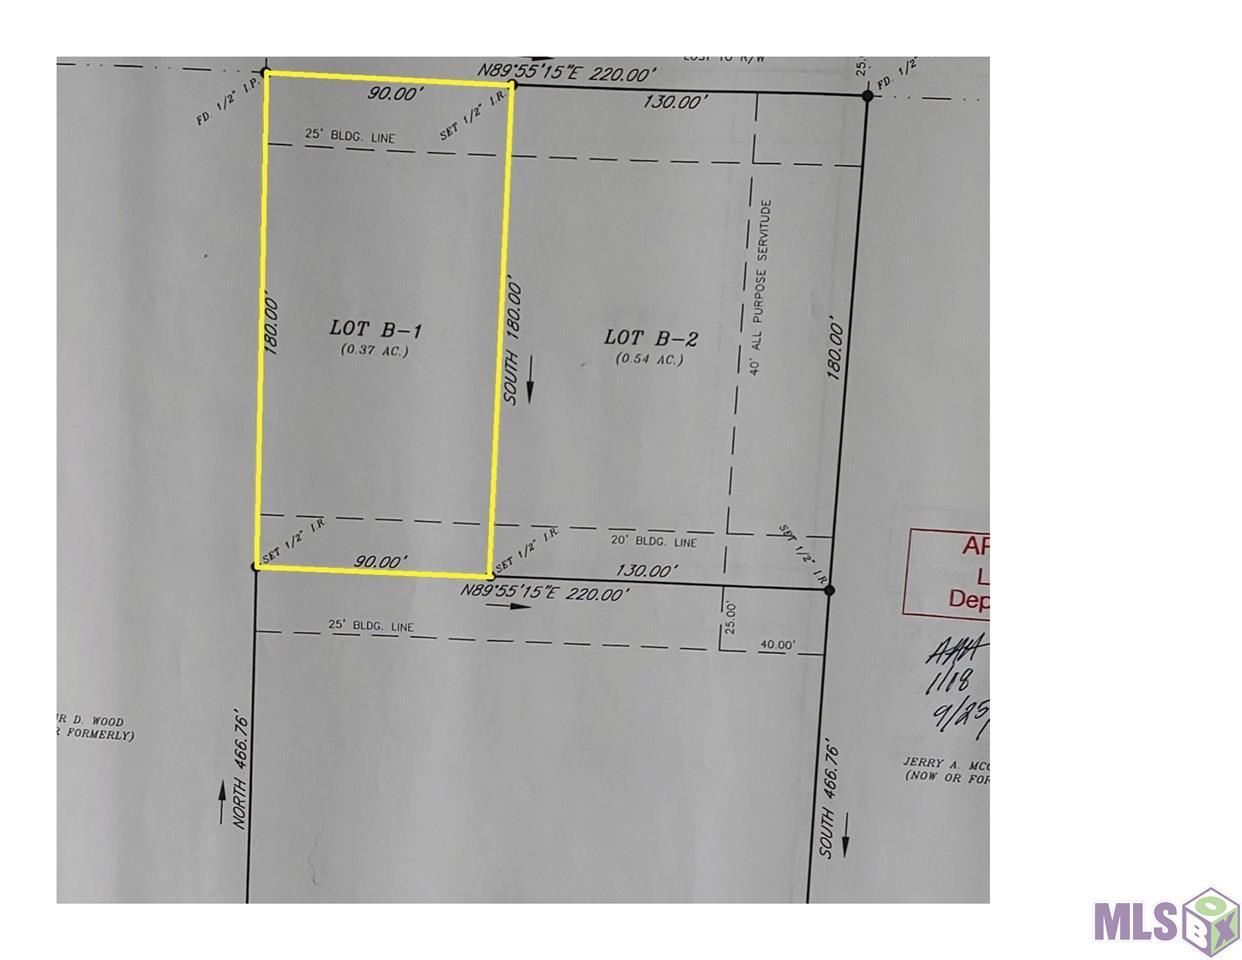 14362 PINE PARK DR B-1, Walker, LA 70785